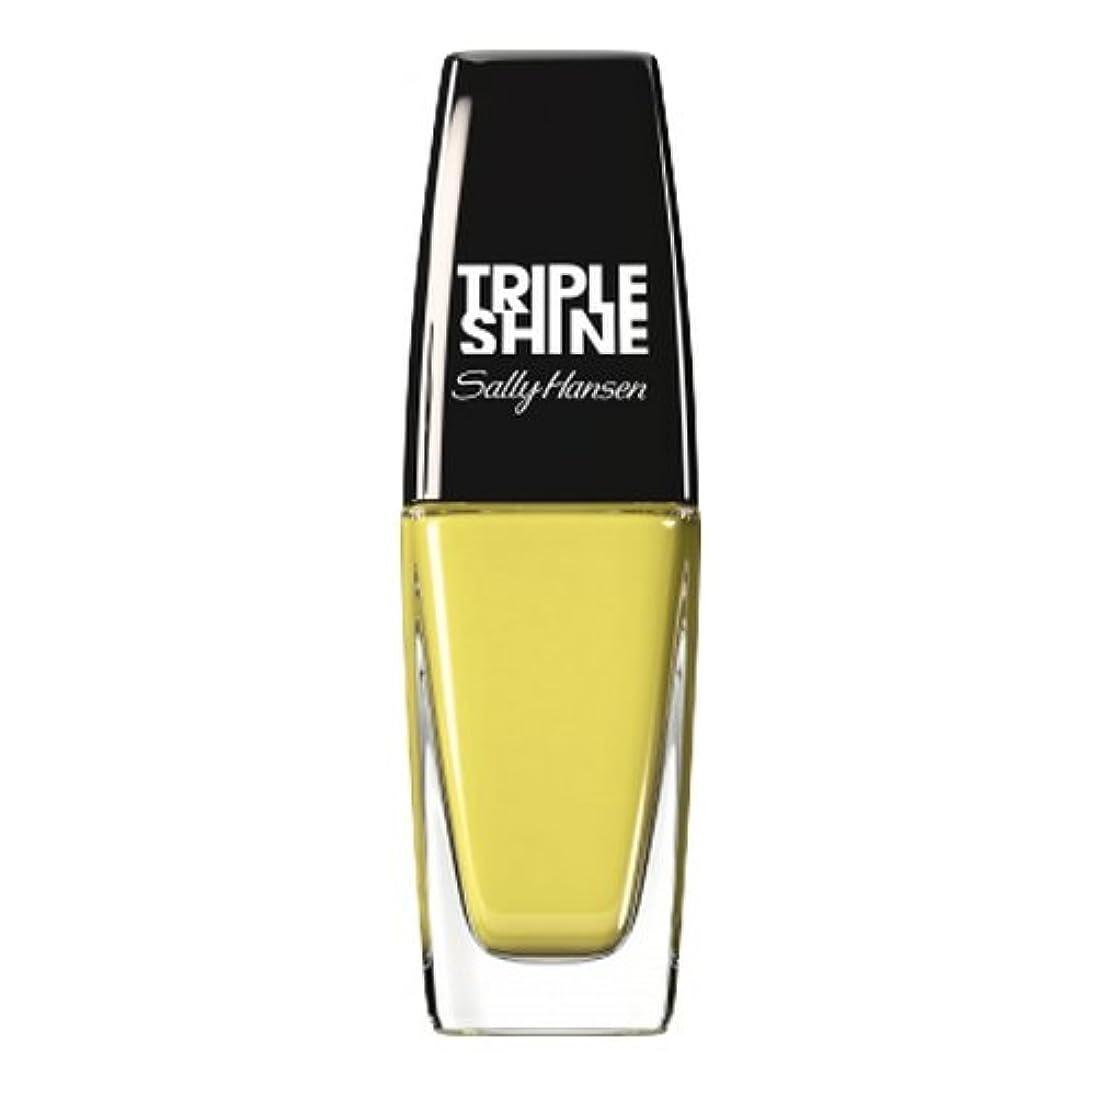 クアッガパイプラインベッド(3 Pack) SALLY HANSEN Triple Shine Nail Polish - Statemint (並行輸入品)